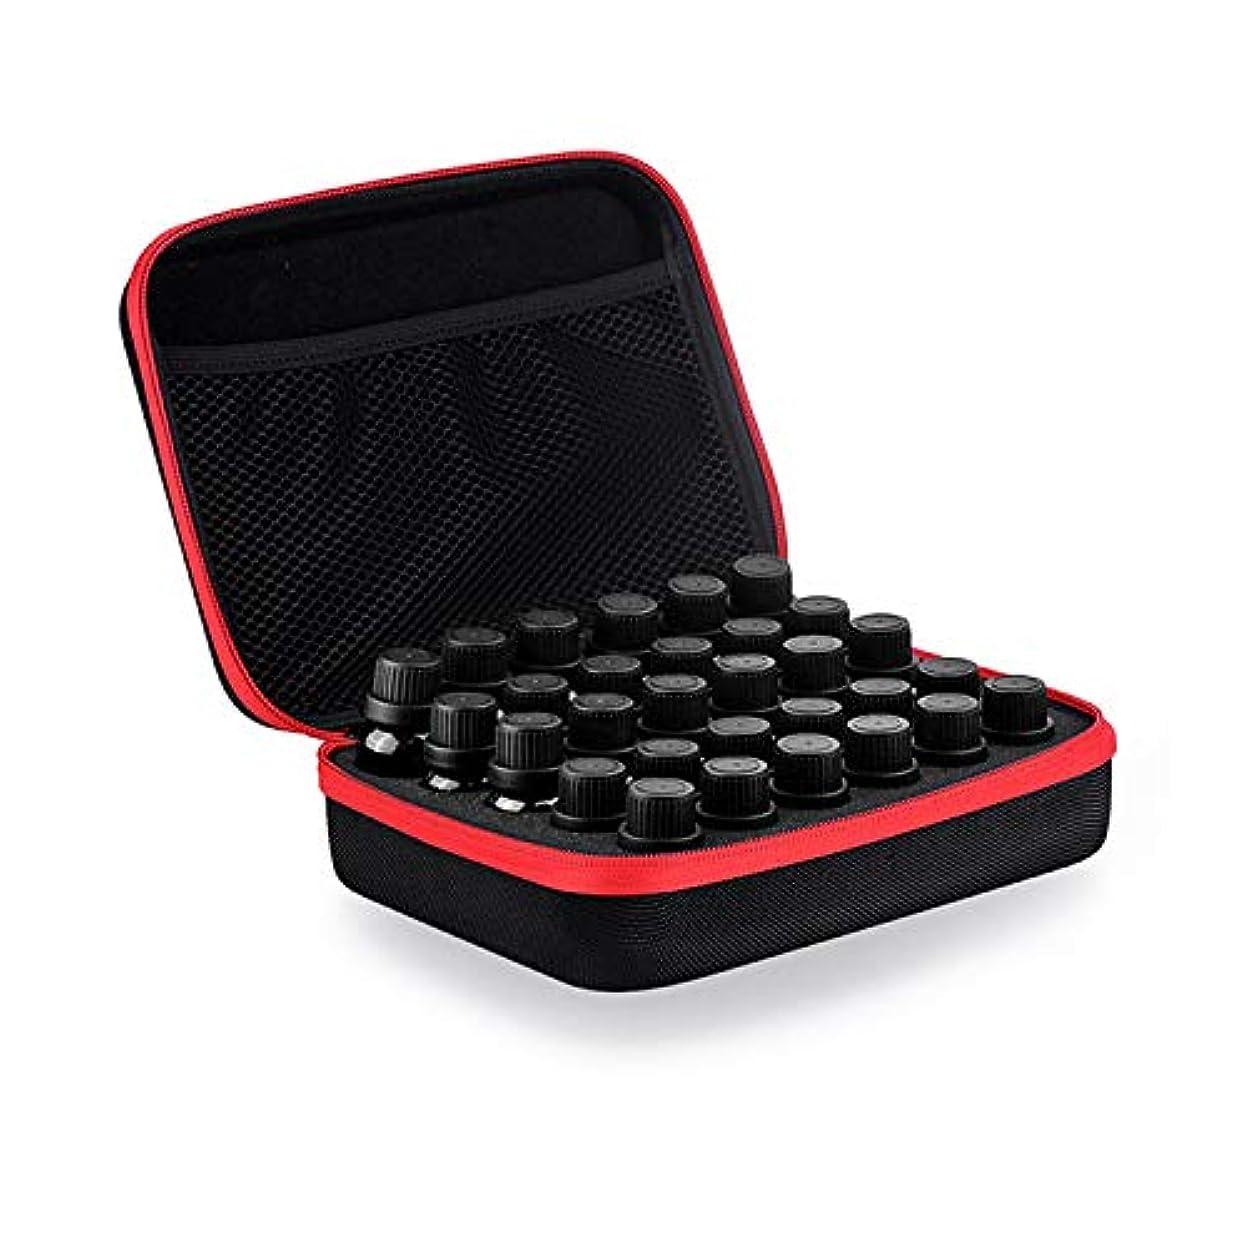 黙認する耐えるリマCoteco 精油 ケース 化粧品袋30スロットボトルエッセンシャルオイルケース用保護5/10/15ミリリットルローラーエッセンシャルオイルバッグ 旅行 キャリング 収納オーガナイザー (赤)